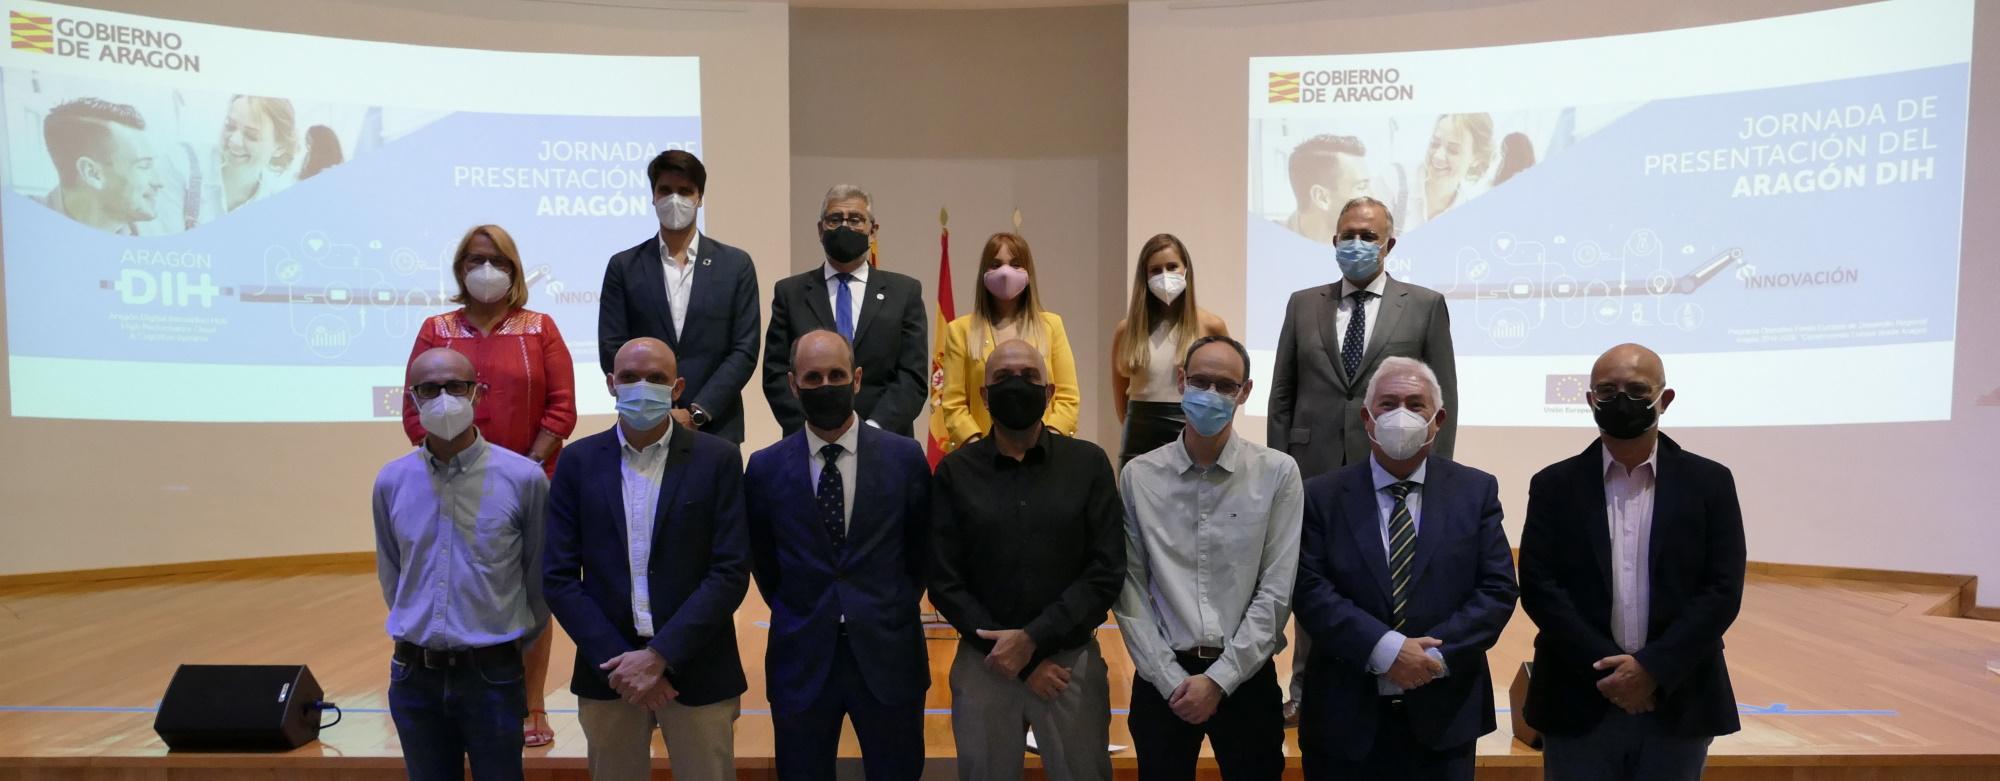 Presentamos Aragón DIH, que nos posiciona en Europa en cuanto a digitalización de la industria